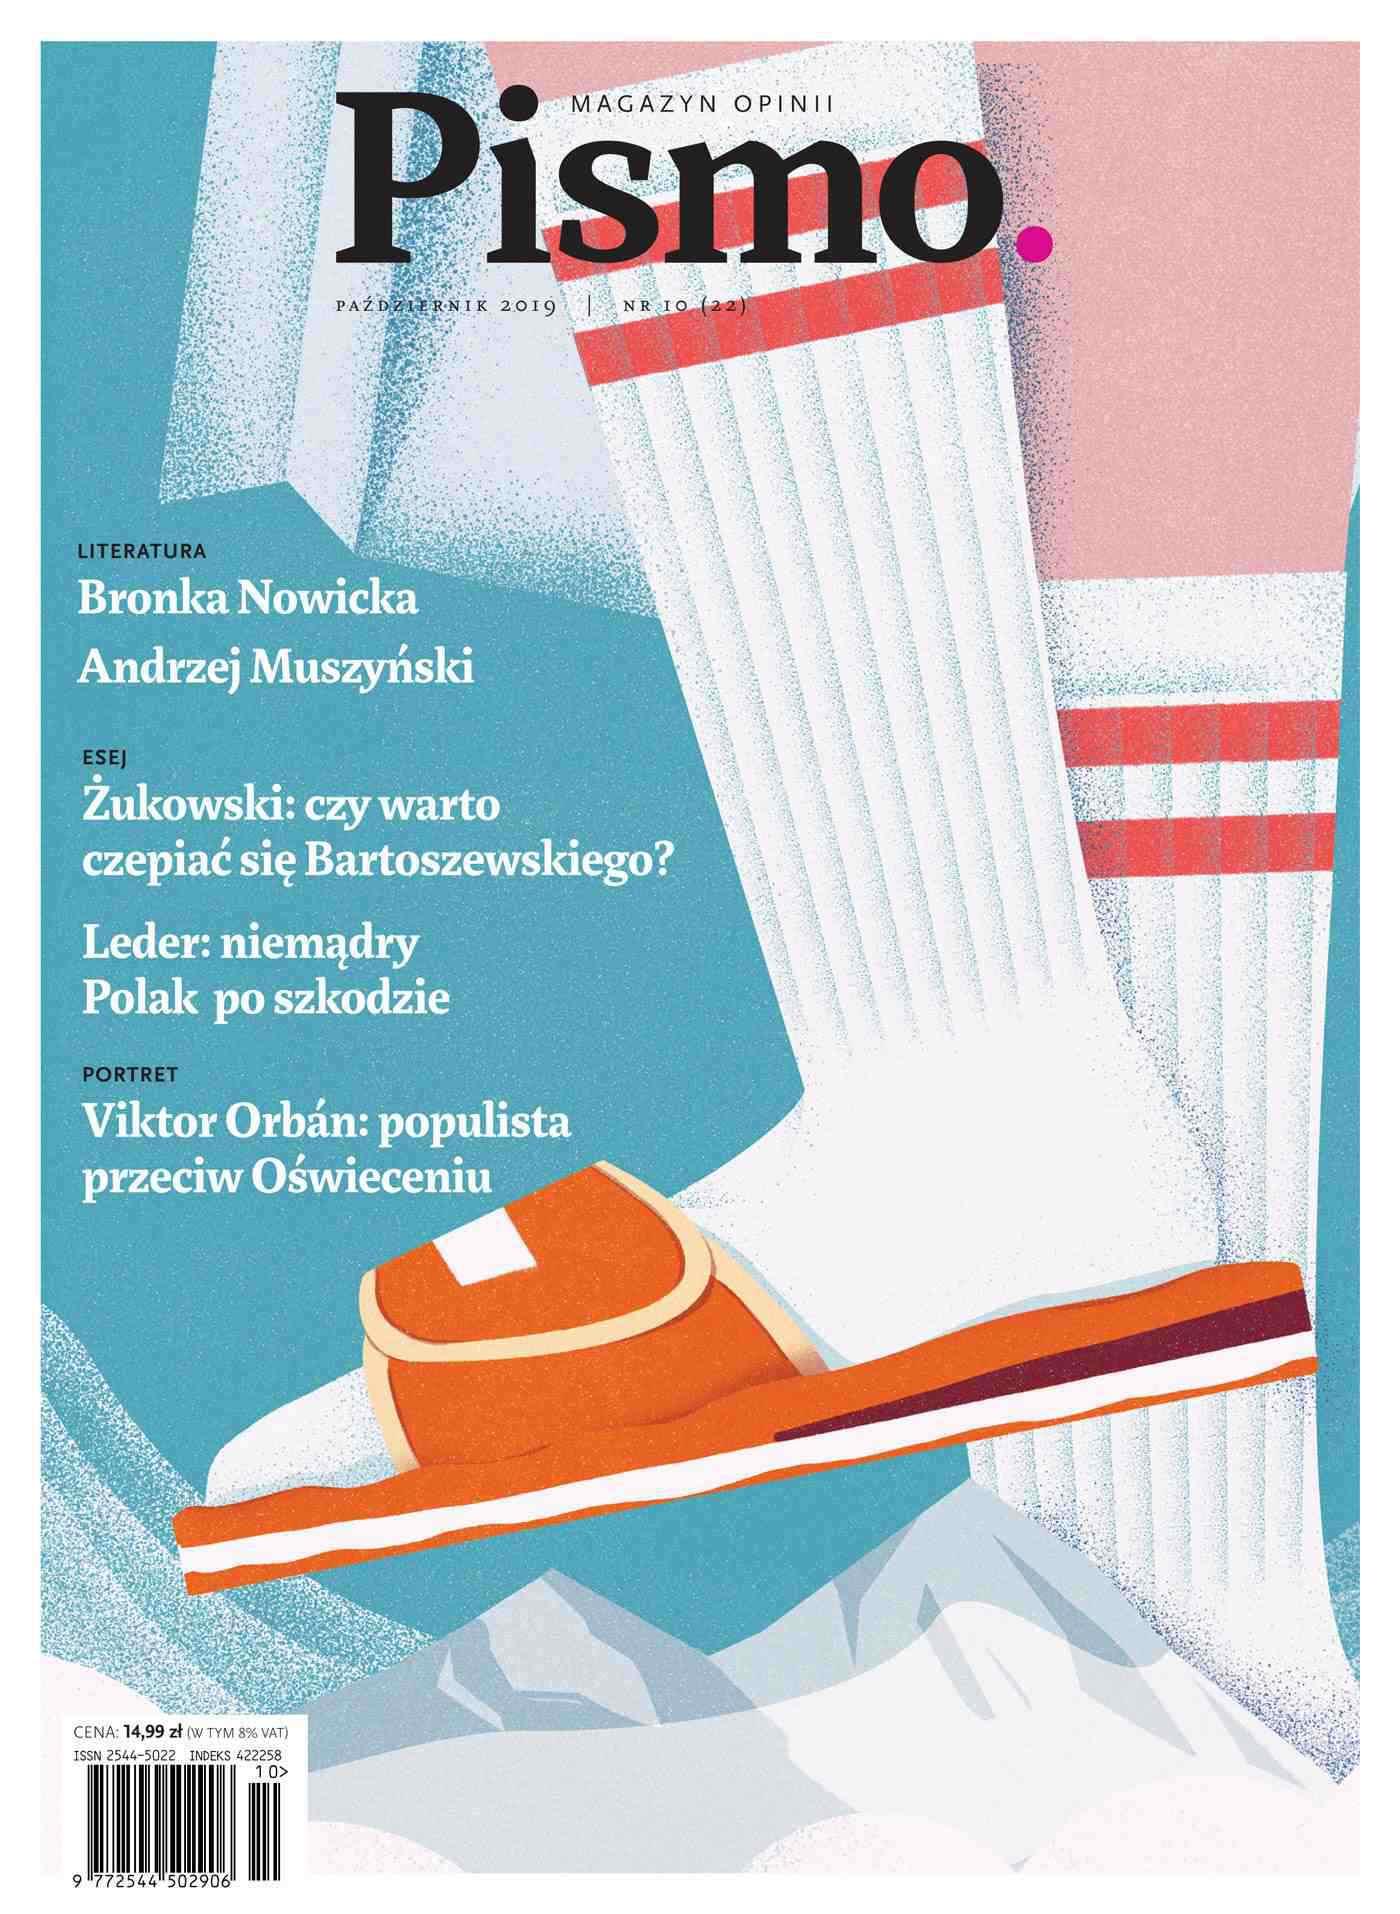 Pismo. Magazyn Opinii 10/2019 - Ebook (Książka PDF) do pobrania w formacie PDF